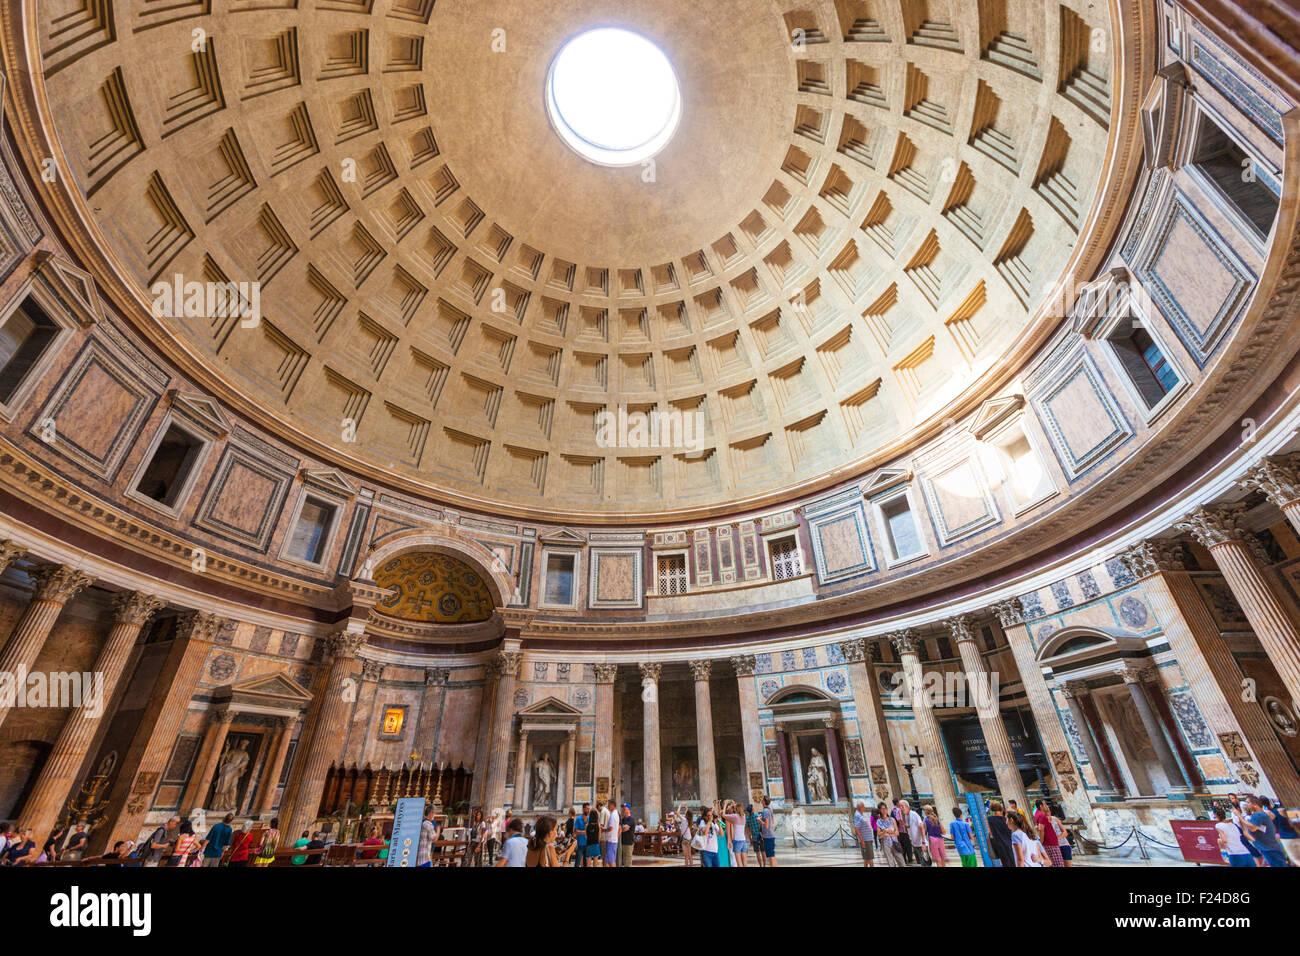 The Pantheon temple of Roman Gods and church interior space Piazza della Rotonda Roma Rome Lazio Italy EU Europe - Stock Image